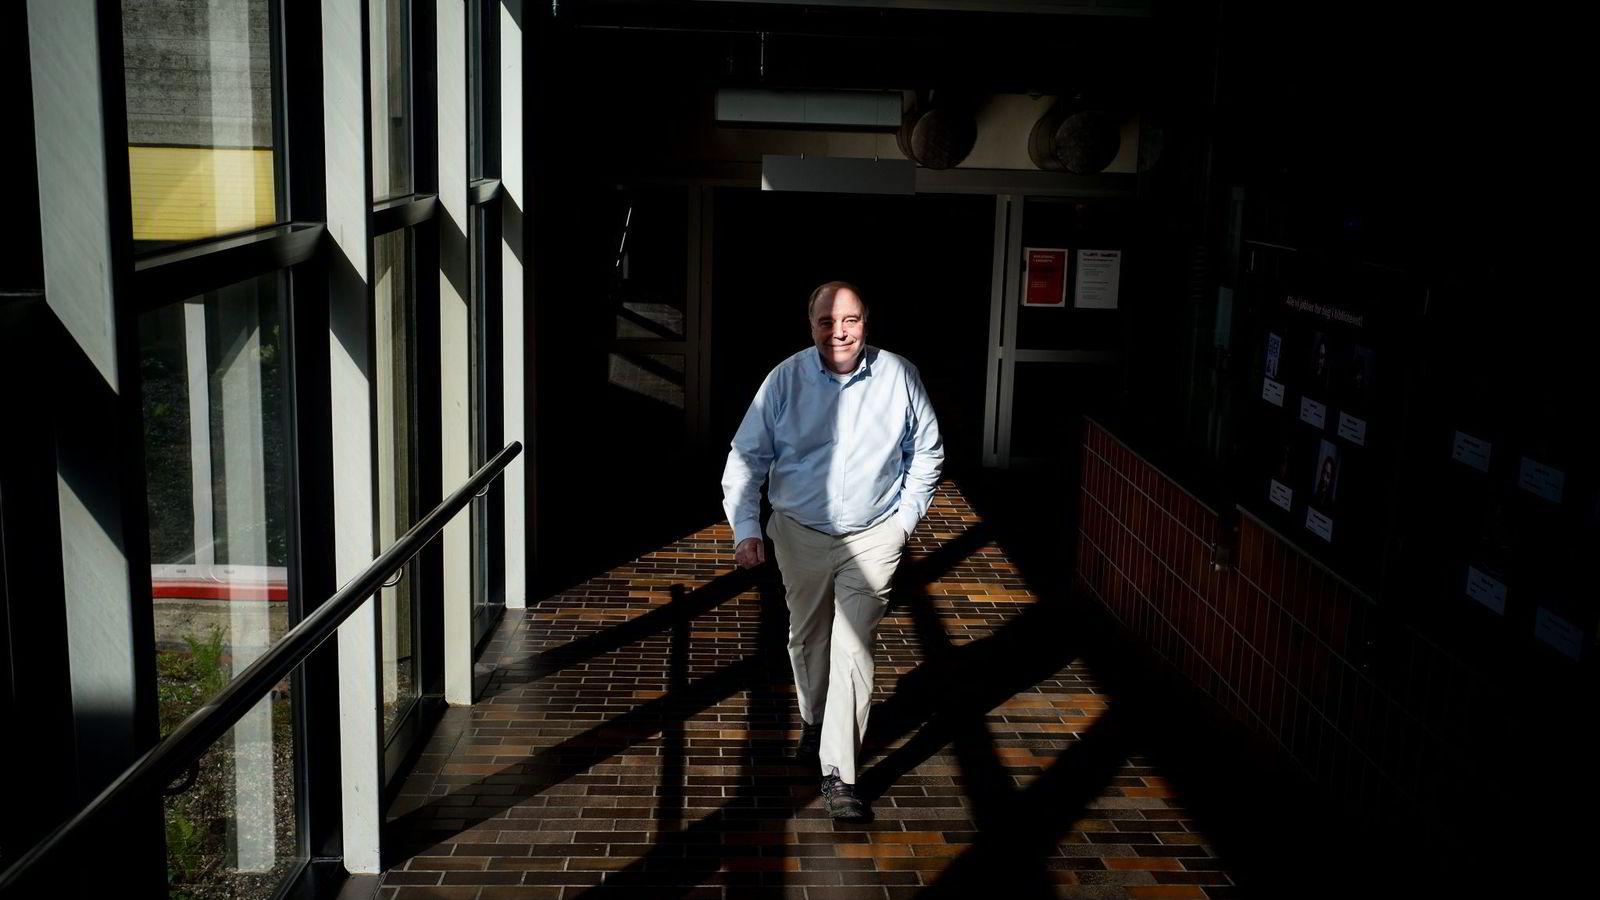 Paul Henry Nadeau har i dag en bistilling som professor II ved Institutt for petroleumsteknologi ved Universitetet i Stavanger, en by han har bodd i siden 1992.